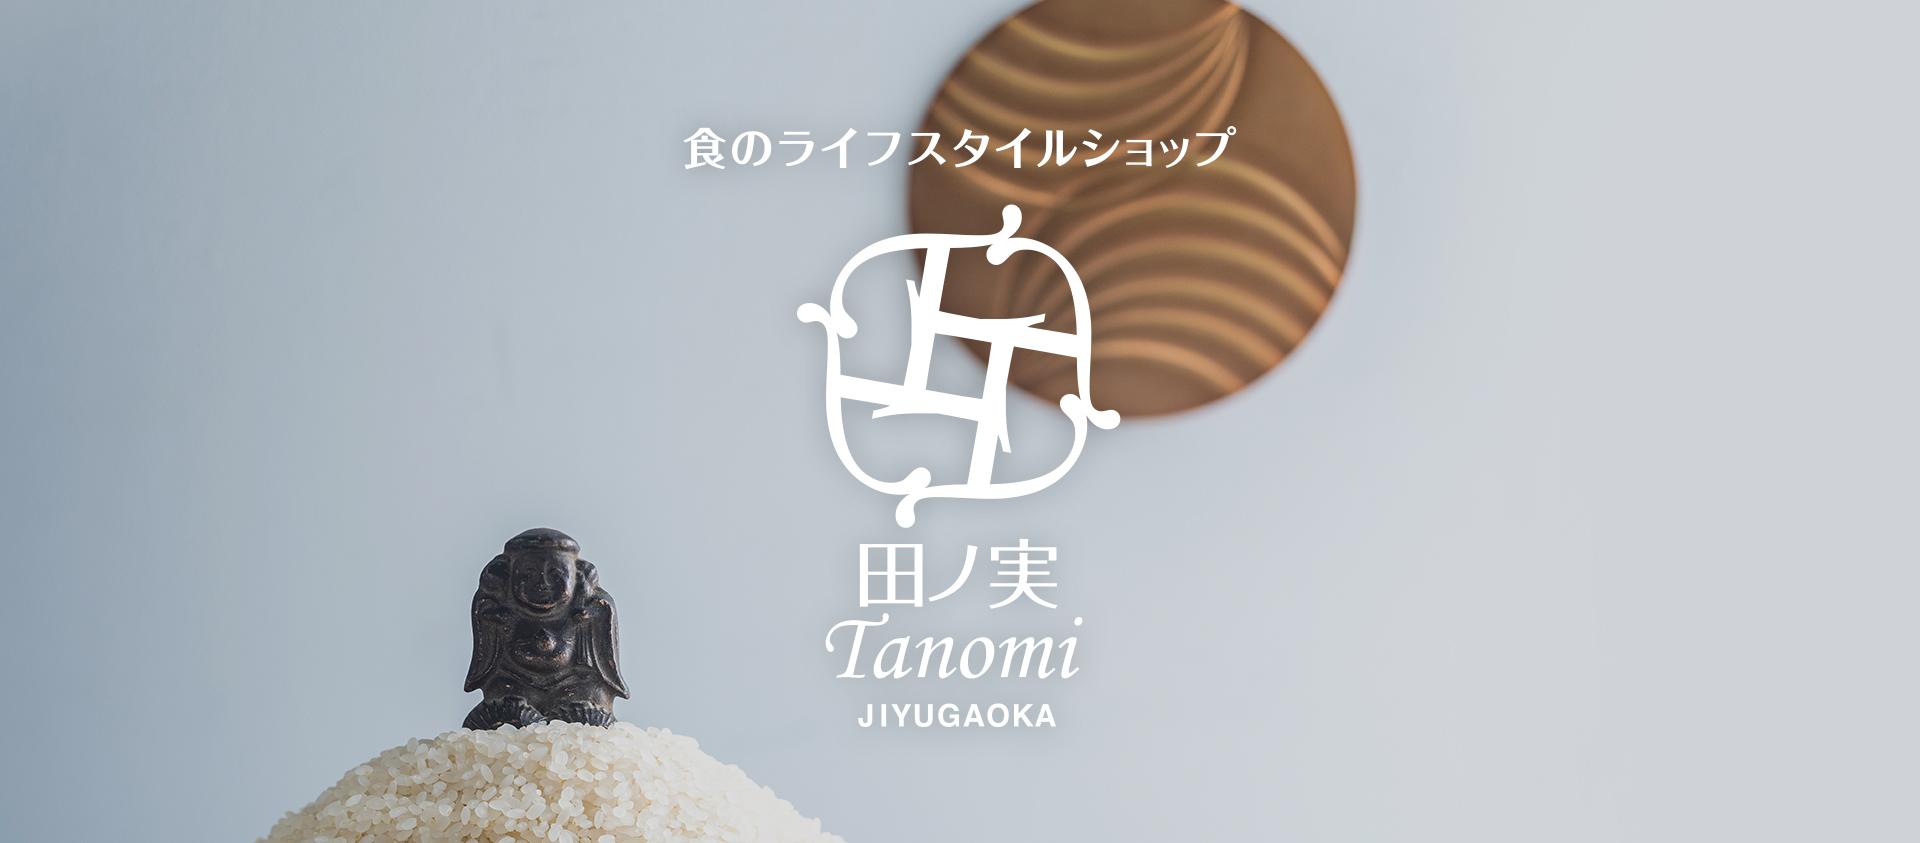 食のライフスタイルショップ 田ノ実 自由ヶ丘 - Tanomi JIYUGAOKA -